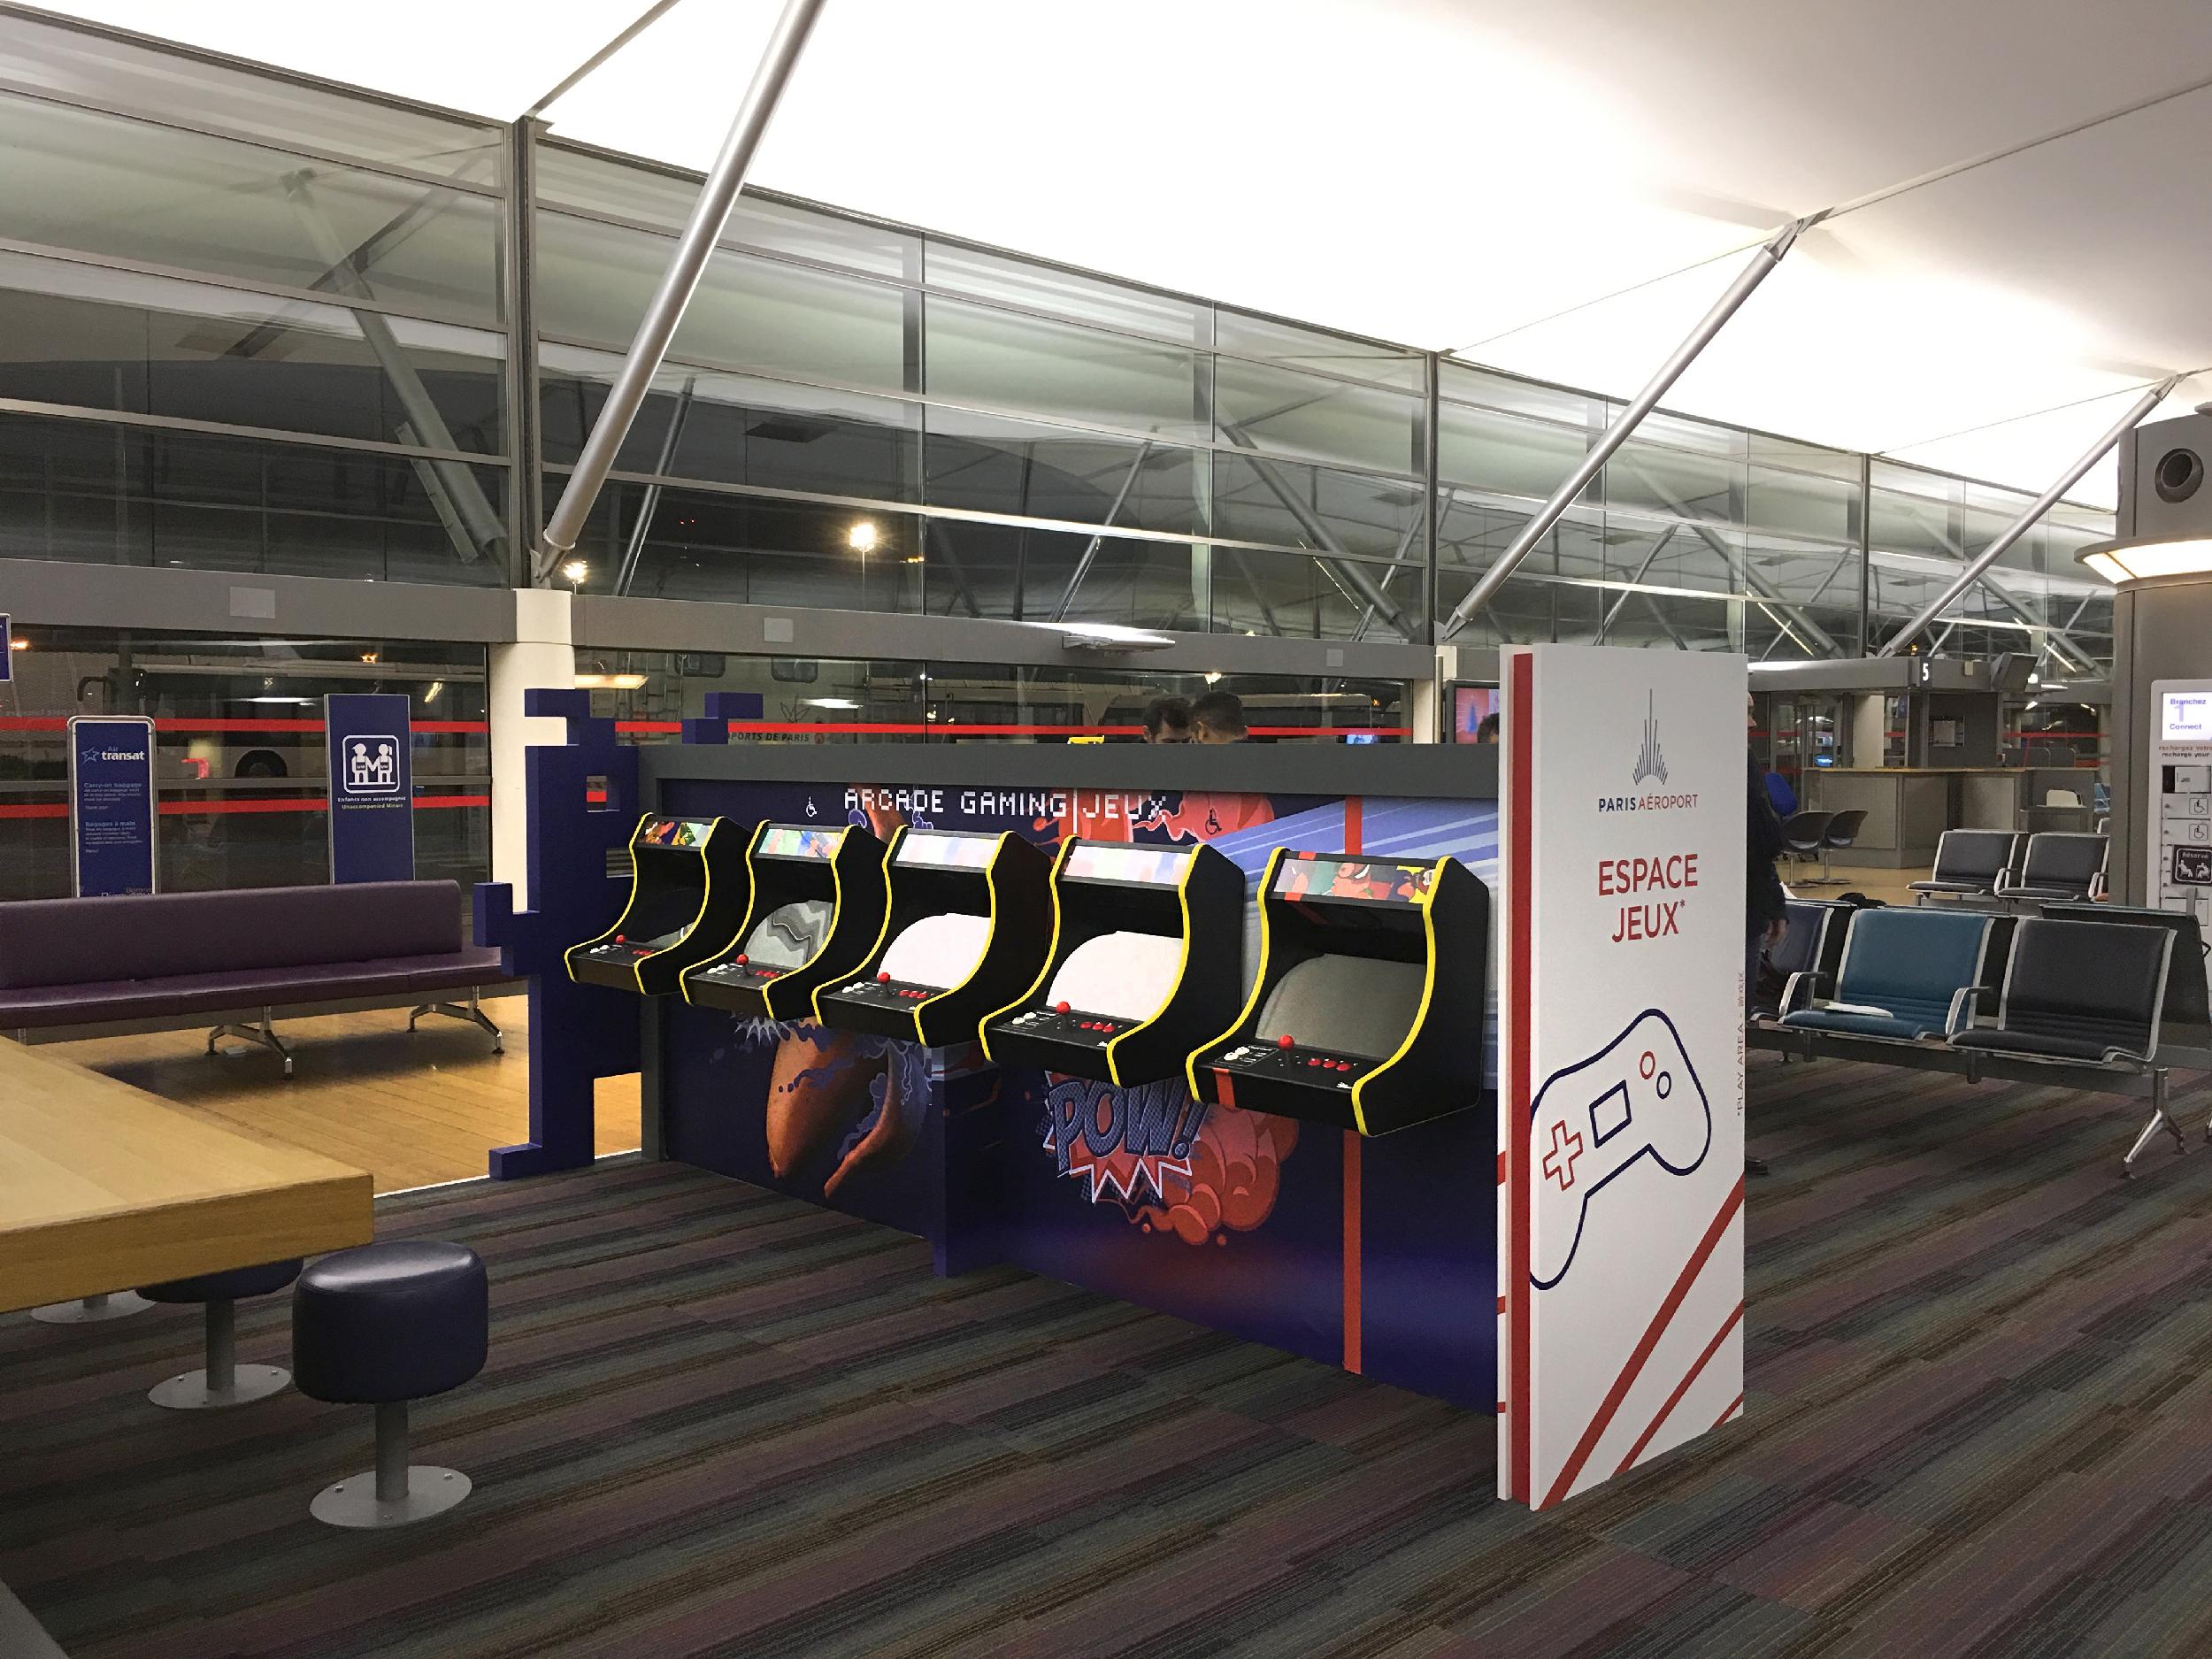 Nouvel espace Arcade Gaming à l'aéroport Charles-de-Gaulle, terminal 3